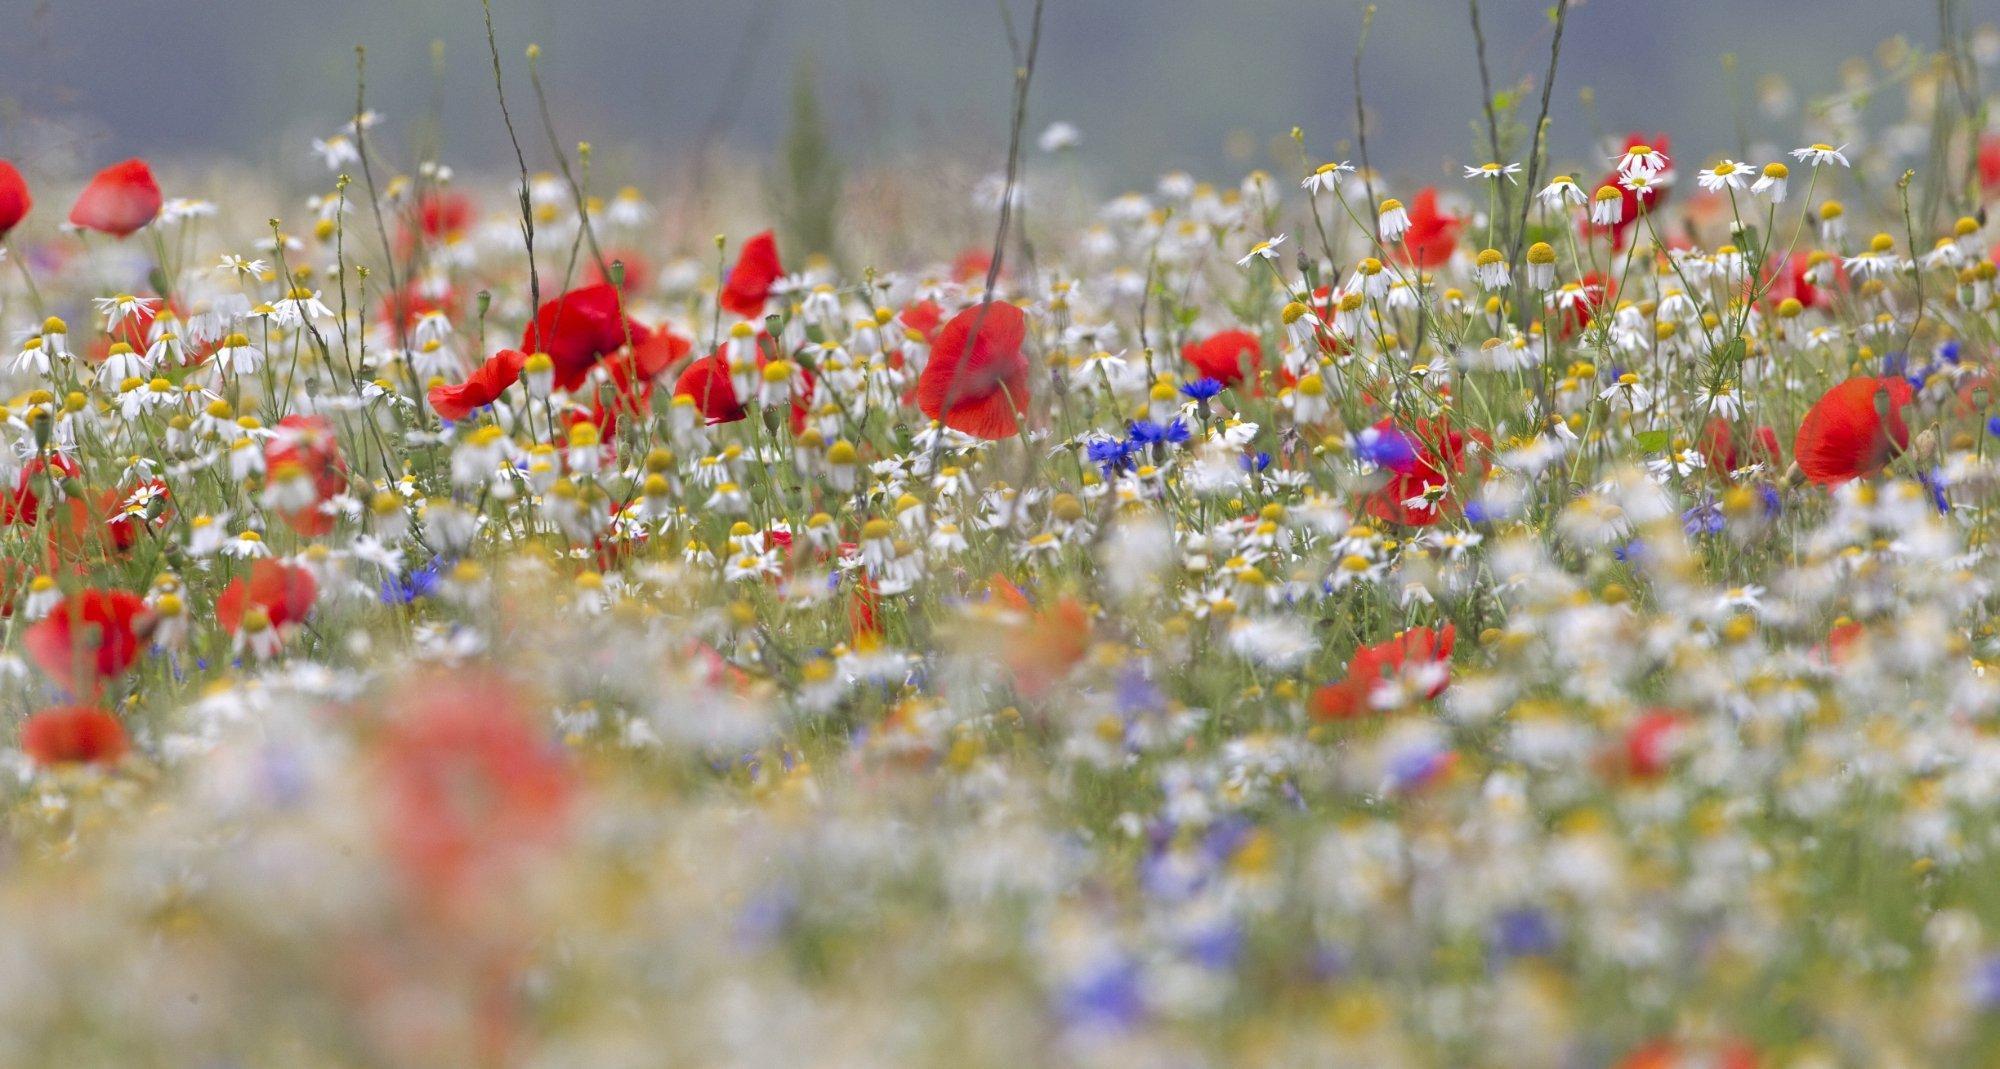 Eine bunt blühende Wiese aus Mohn, Kornblumen und weiteren Wildpflanzen